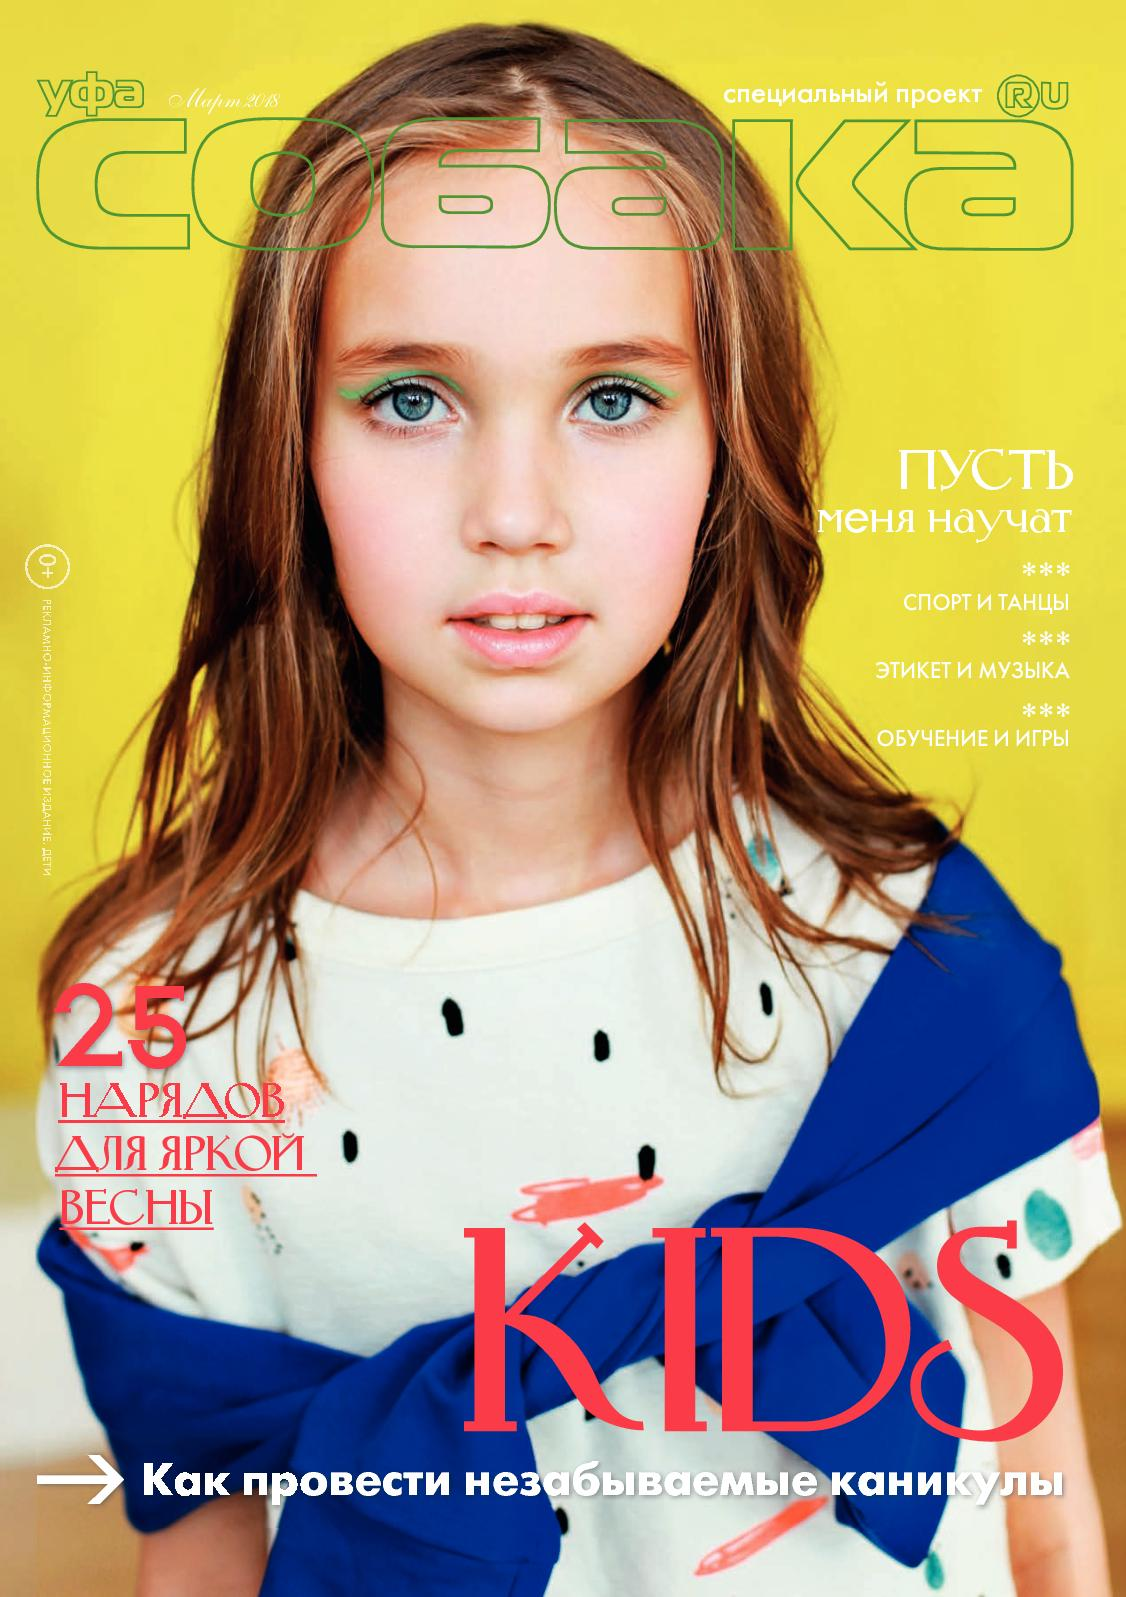 Sobaka Kids 06